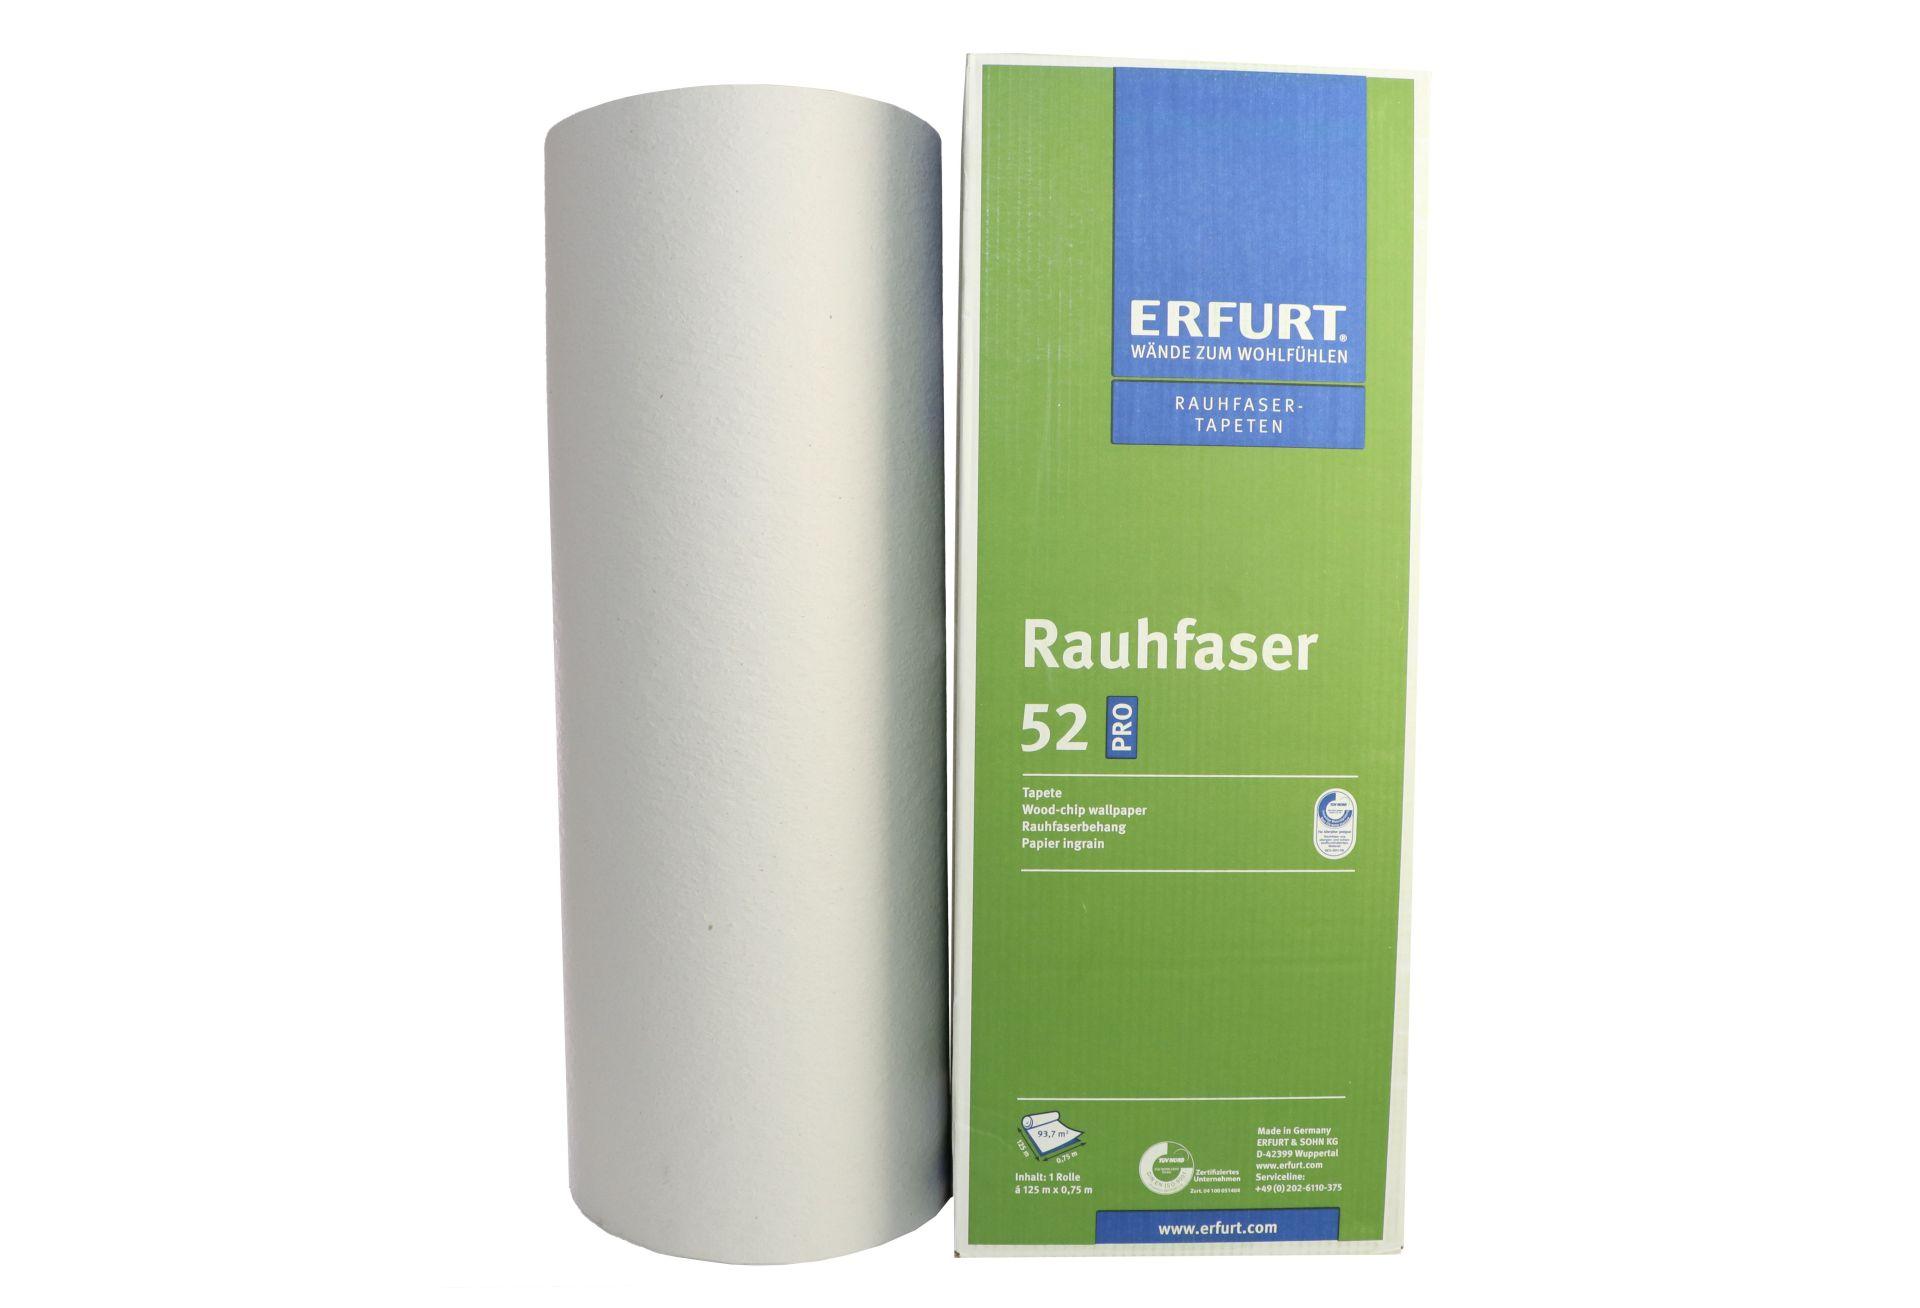 Erfurt Rauhfaser 52 Pro Tapete, 125 x 0,75 m, ausreichend für 93,75 m², 1 Großrolle